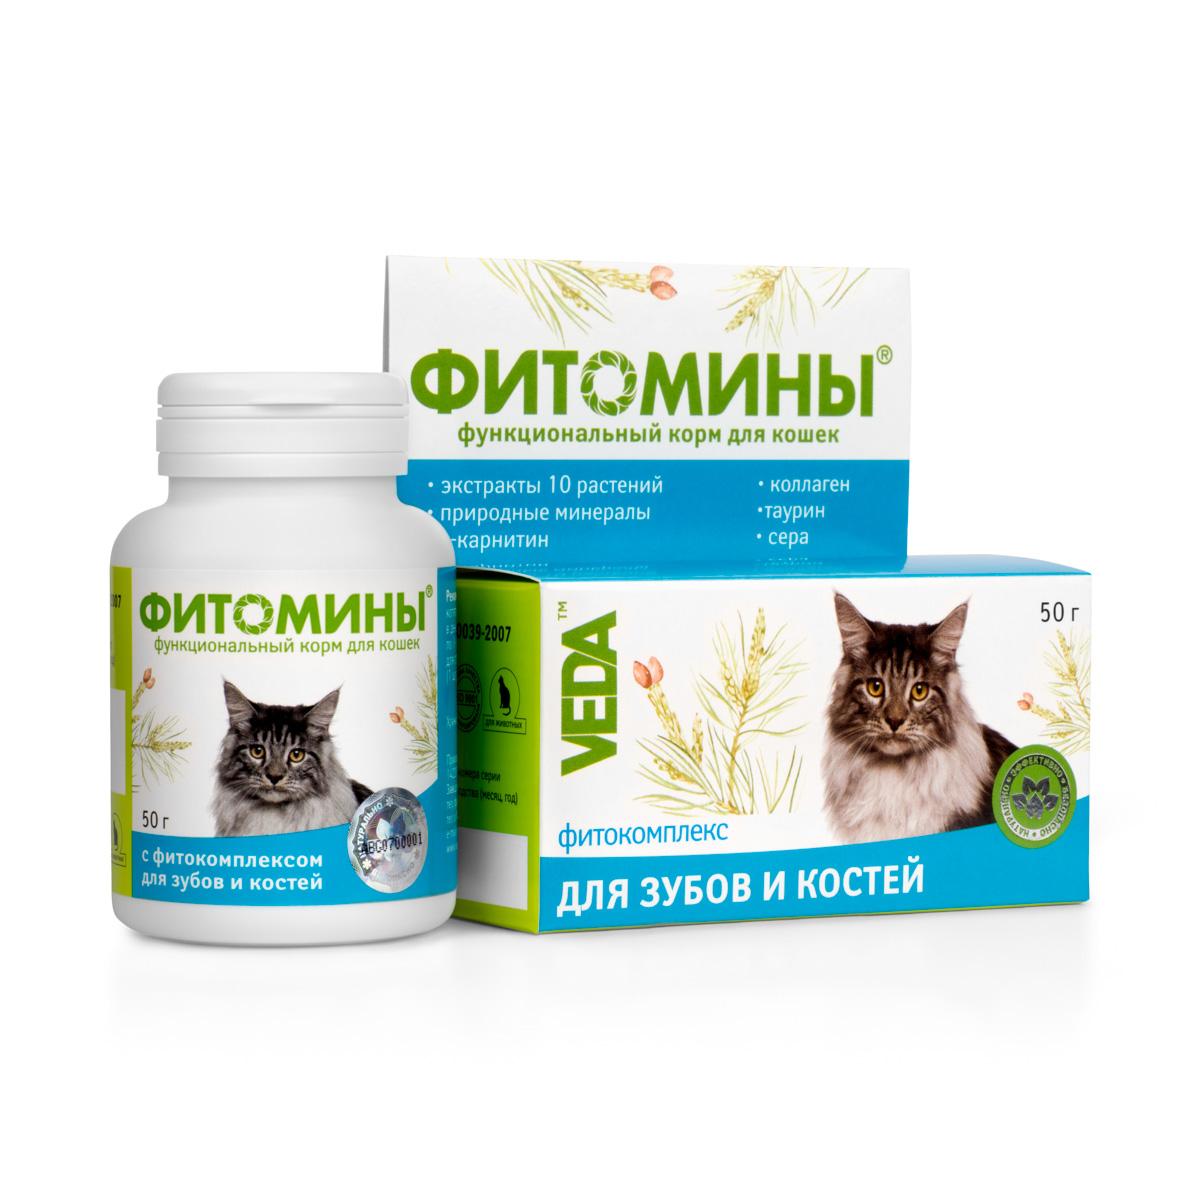 Корм для кошек VEDA Фитомины, функциональный, с фитокомплексом, для зубов и костей, 50 г4605543005862Корм функциональный для кошек VEDA Фитомины с фитокомплексом способствует оптимальному формированию, восстановлению костной ткани.Рекомендуется включать в рацион:- во время формирования и роста зубов и костей, в период смены зубов, - при травмировании и заболеваниях костей, при вымывании кальция из костей (нарушение обменных процессов), - стареющим животным, - беременным и кормящим самкам, - при нарушениях роста, рахите.Состав: лактоза; крахмал; дрожжи пивные; фитокомплекс: корневищ аира, травы хвоща полевого, цветков лабазника вязолистного, травы фиалки, листьев березы, листьев шалфея, корней лопуха, почек березовых, цветков ноготков, листьев мяты перечной, почек сосны; природный минеральный комплекс; паровая мука рыбная; гидролизат коллагена; L-карнитин; таурин; сера; стеарат кальция.В 100 г продукта содержится (не менее): белки – 5 г; жиры - 0,4 г; углеводы - 90 г; кальций - 600 мг; фосфор - 360 мг; железо - 15,0 мг; цинк - 4 мг; марганец - 0,1 мг; медь - 0,3 мг; L- карнитин - 0,5 г; гидролизат коллагена – 0,2 г; таурин – 0,2 г; сера - 0,1 г. Энергетическая ценность в 100 г: 380 ккал.Товар сертифицирован.